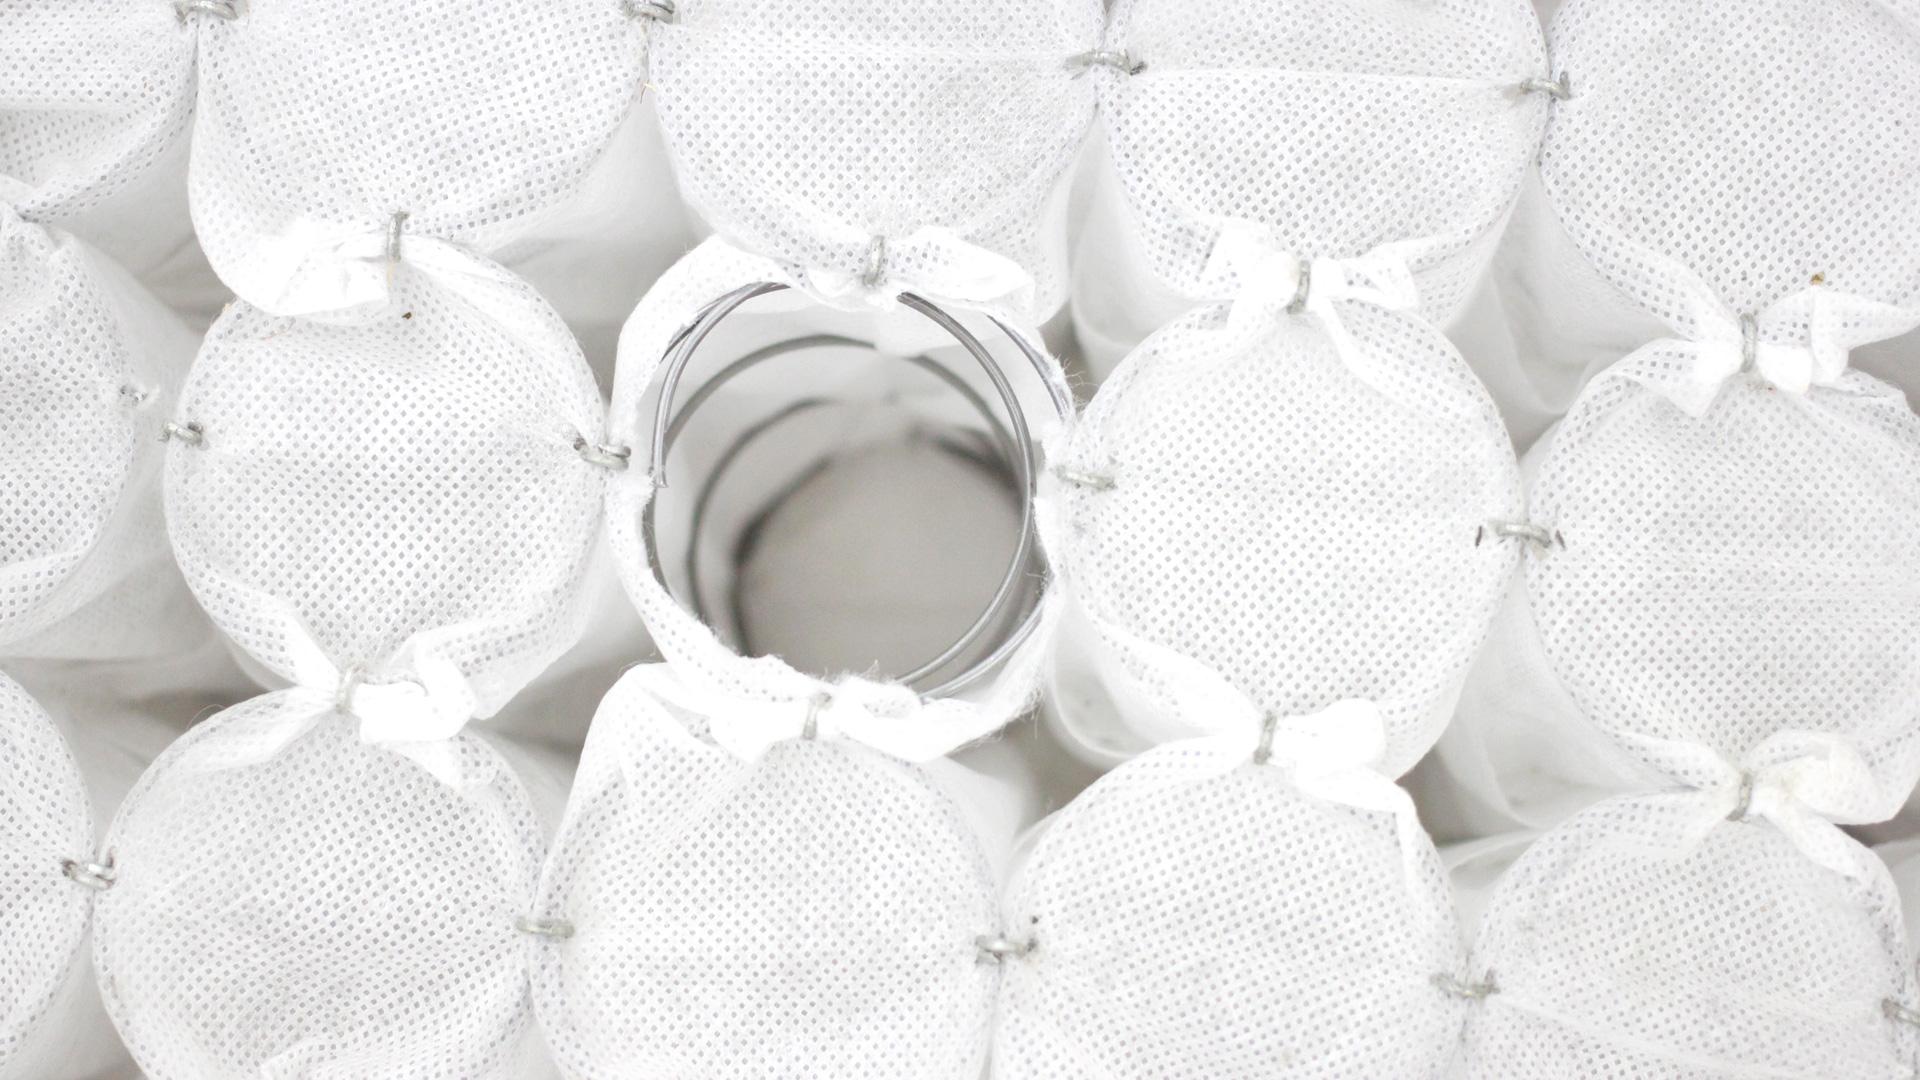 独立弹簧分别装在无纺布袋中,经过热处理和防锈处理的弹簧钢材搭配无纺布袋,保证床垫内部持久清爽干燥的同时有效降低噪音,提供更持久不变形的超强支撑力。